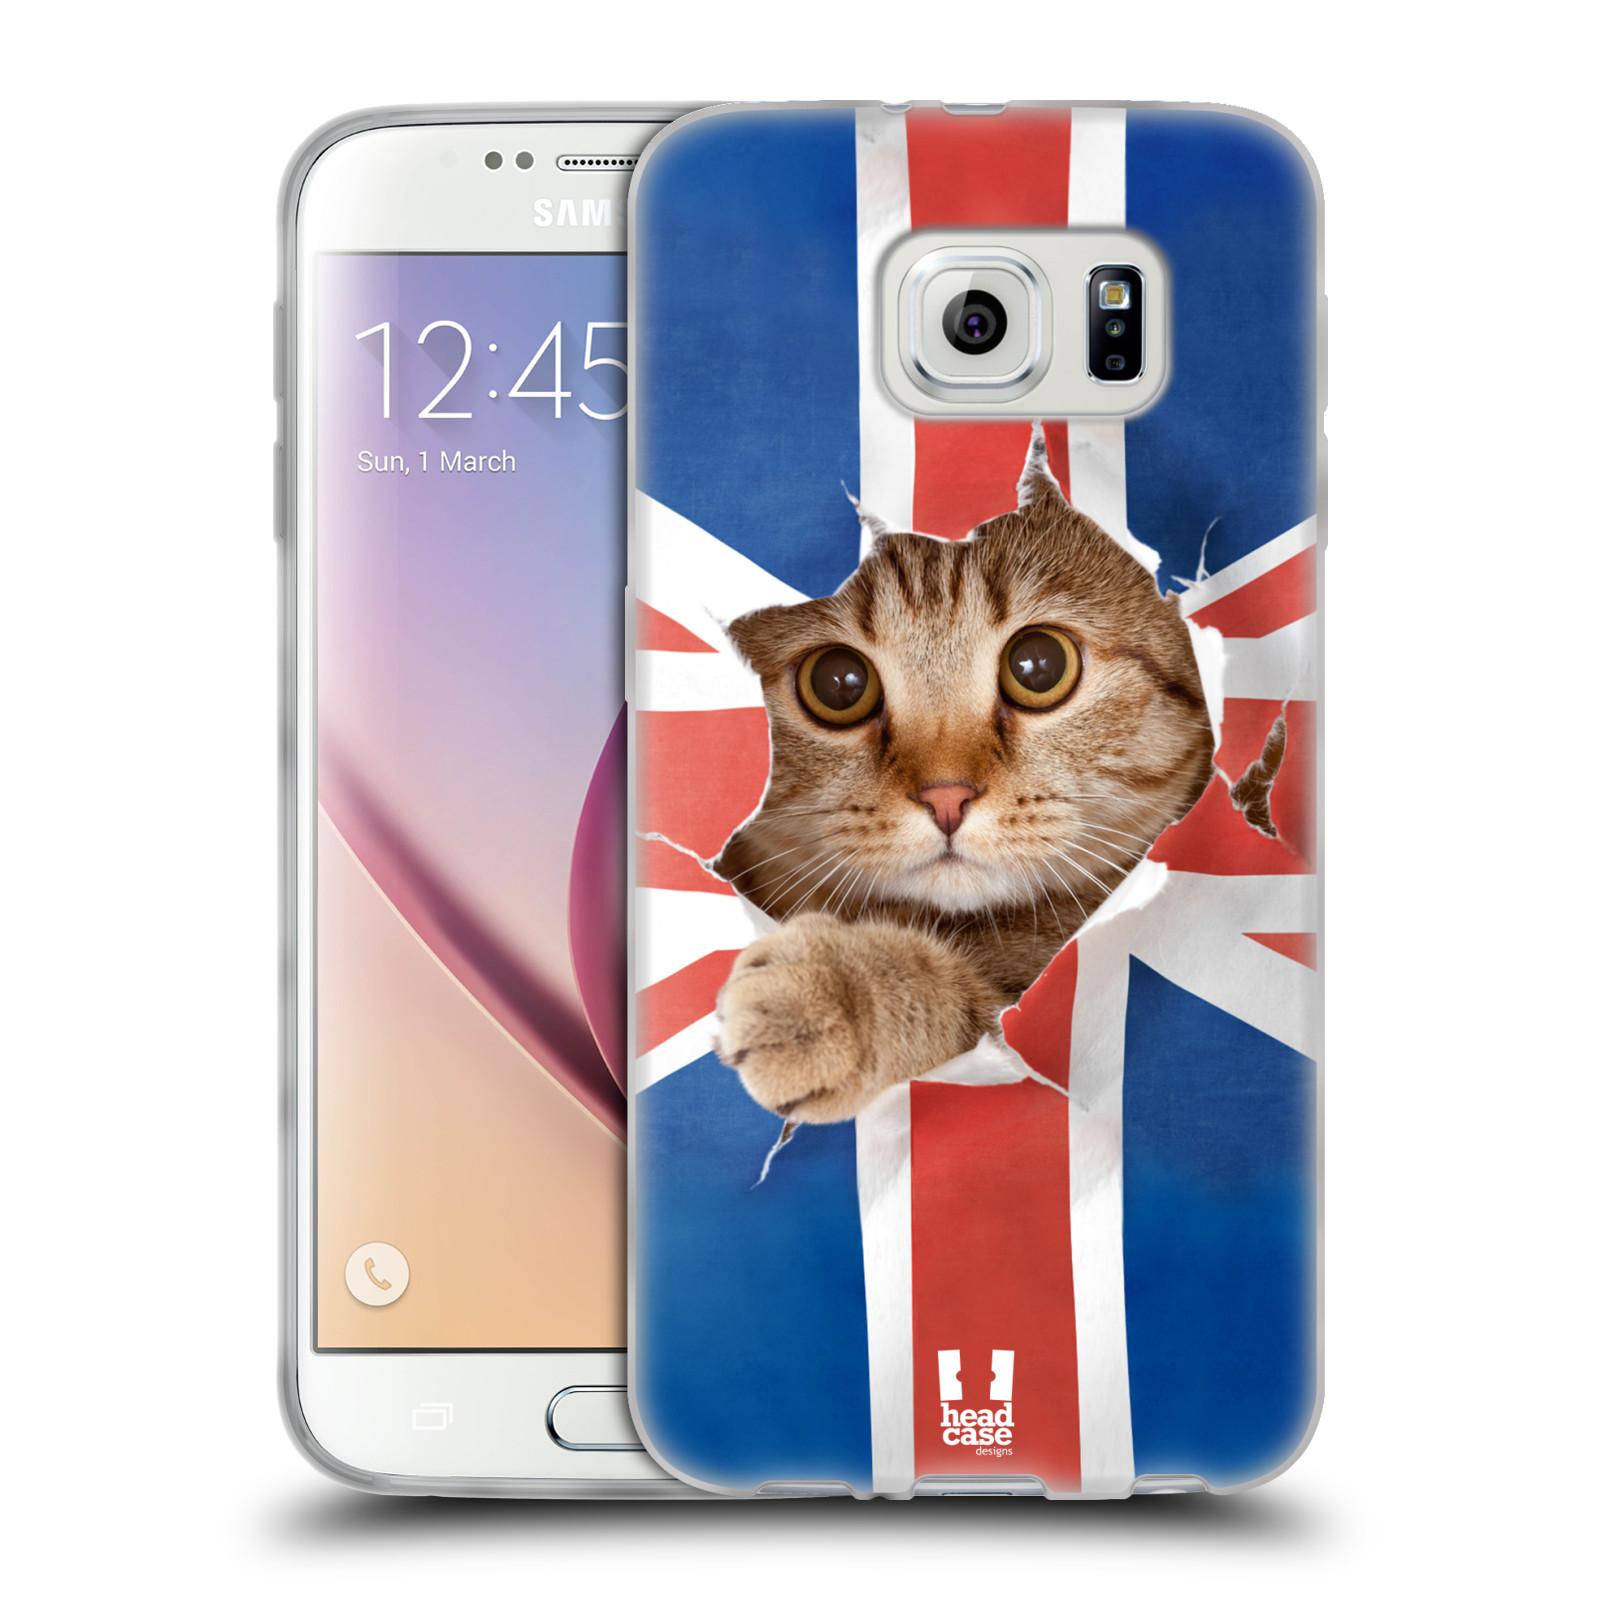 HEAD CASE silikonový obal na mobil Samsung Galaxy S6 vzor Legrační zvířátka kočička a Velká Británie vlajka